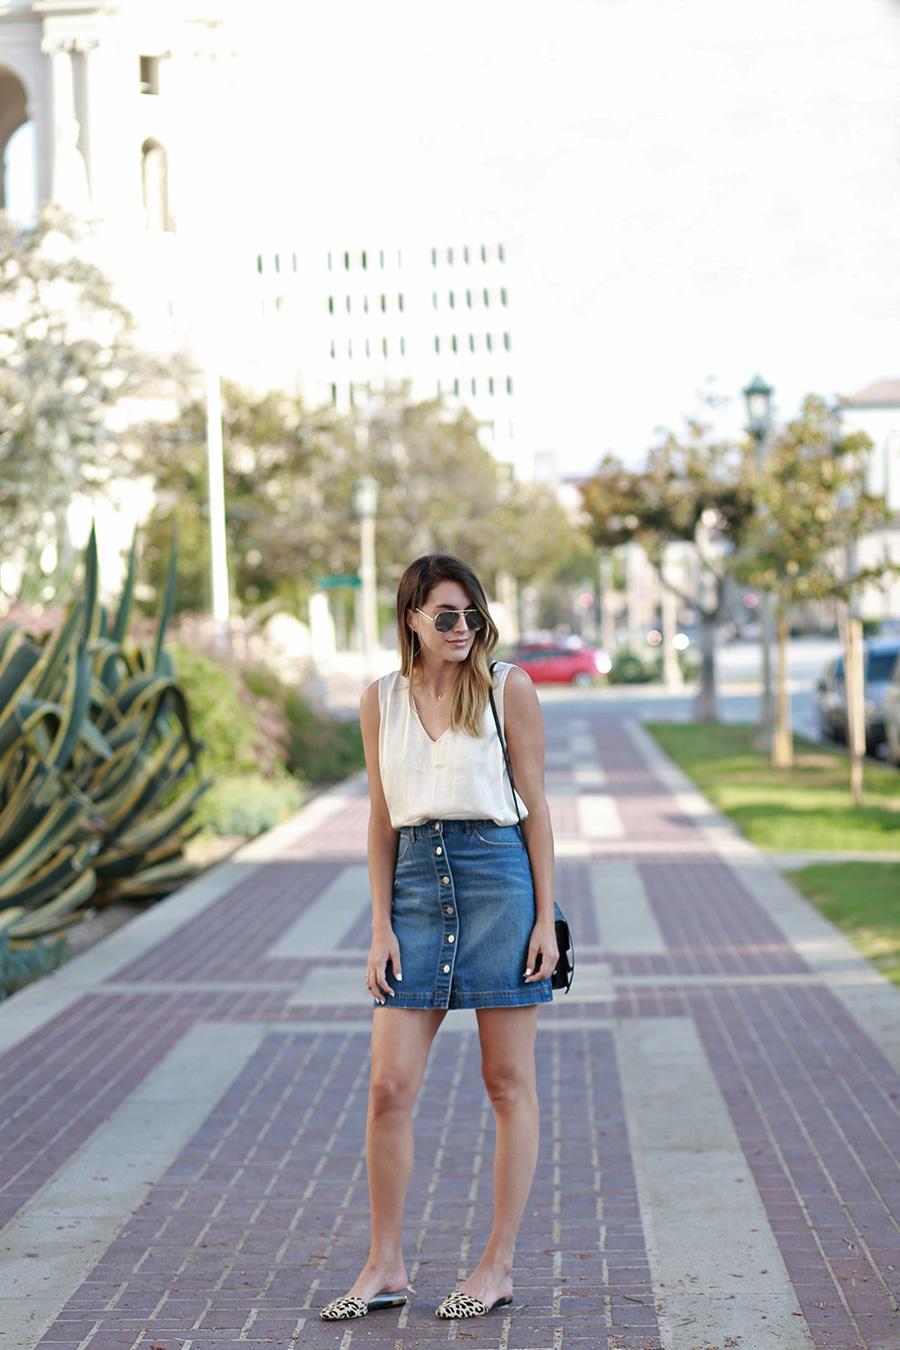 hm denim skirt forever21 blouse leopard flats